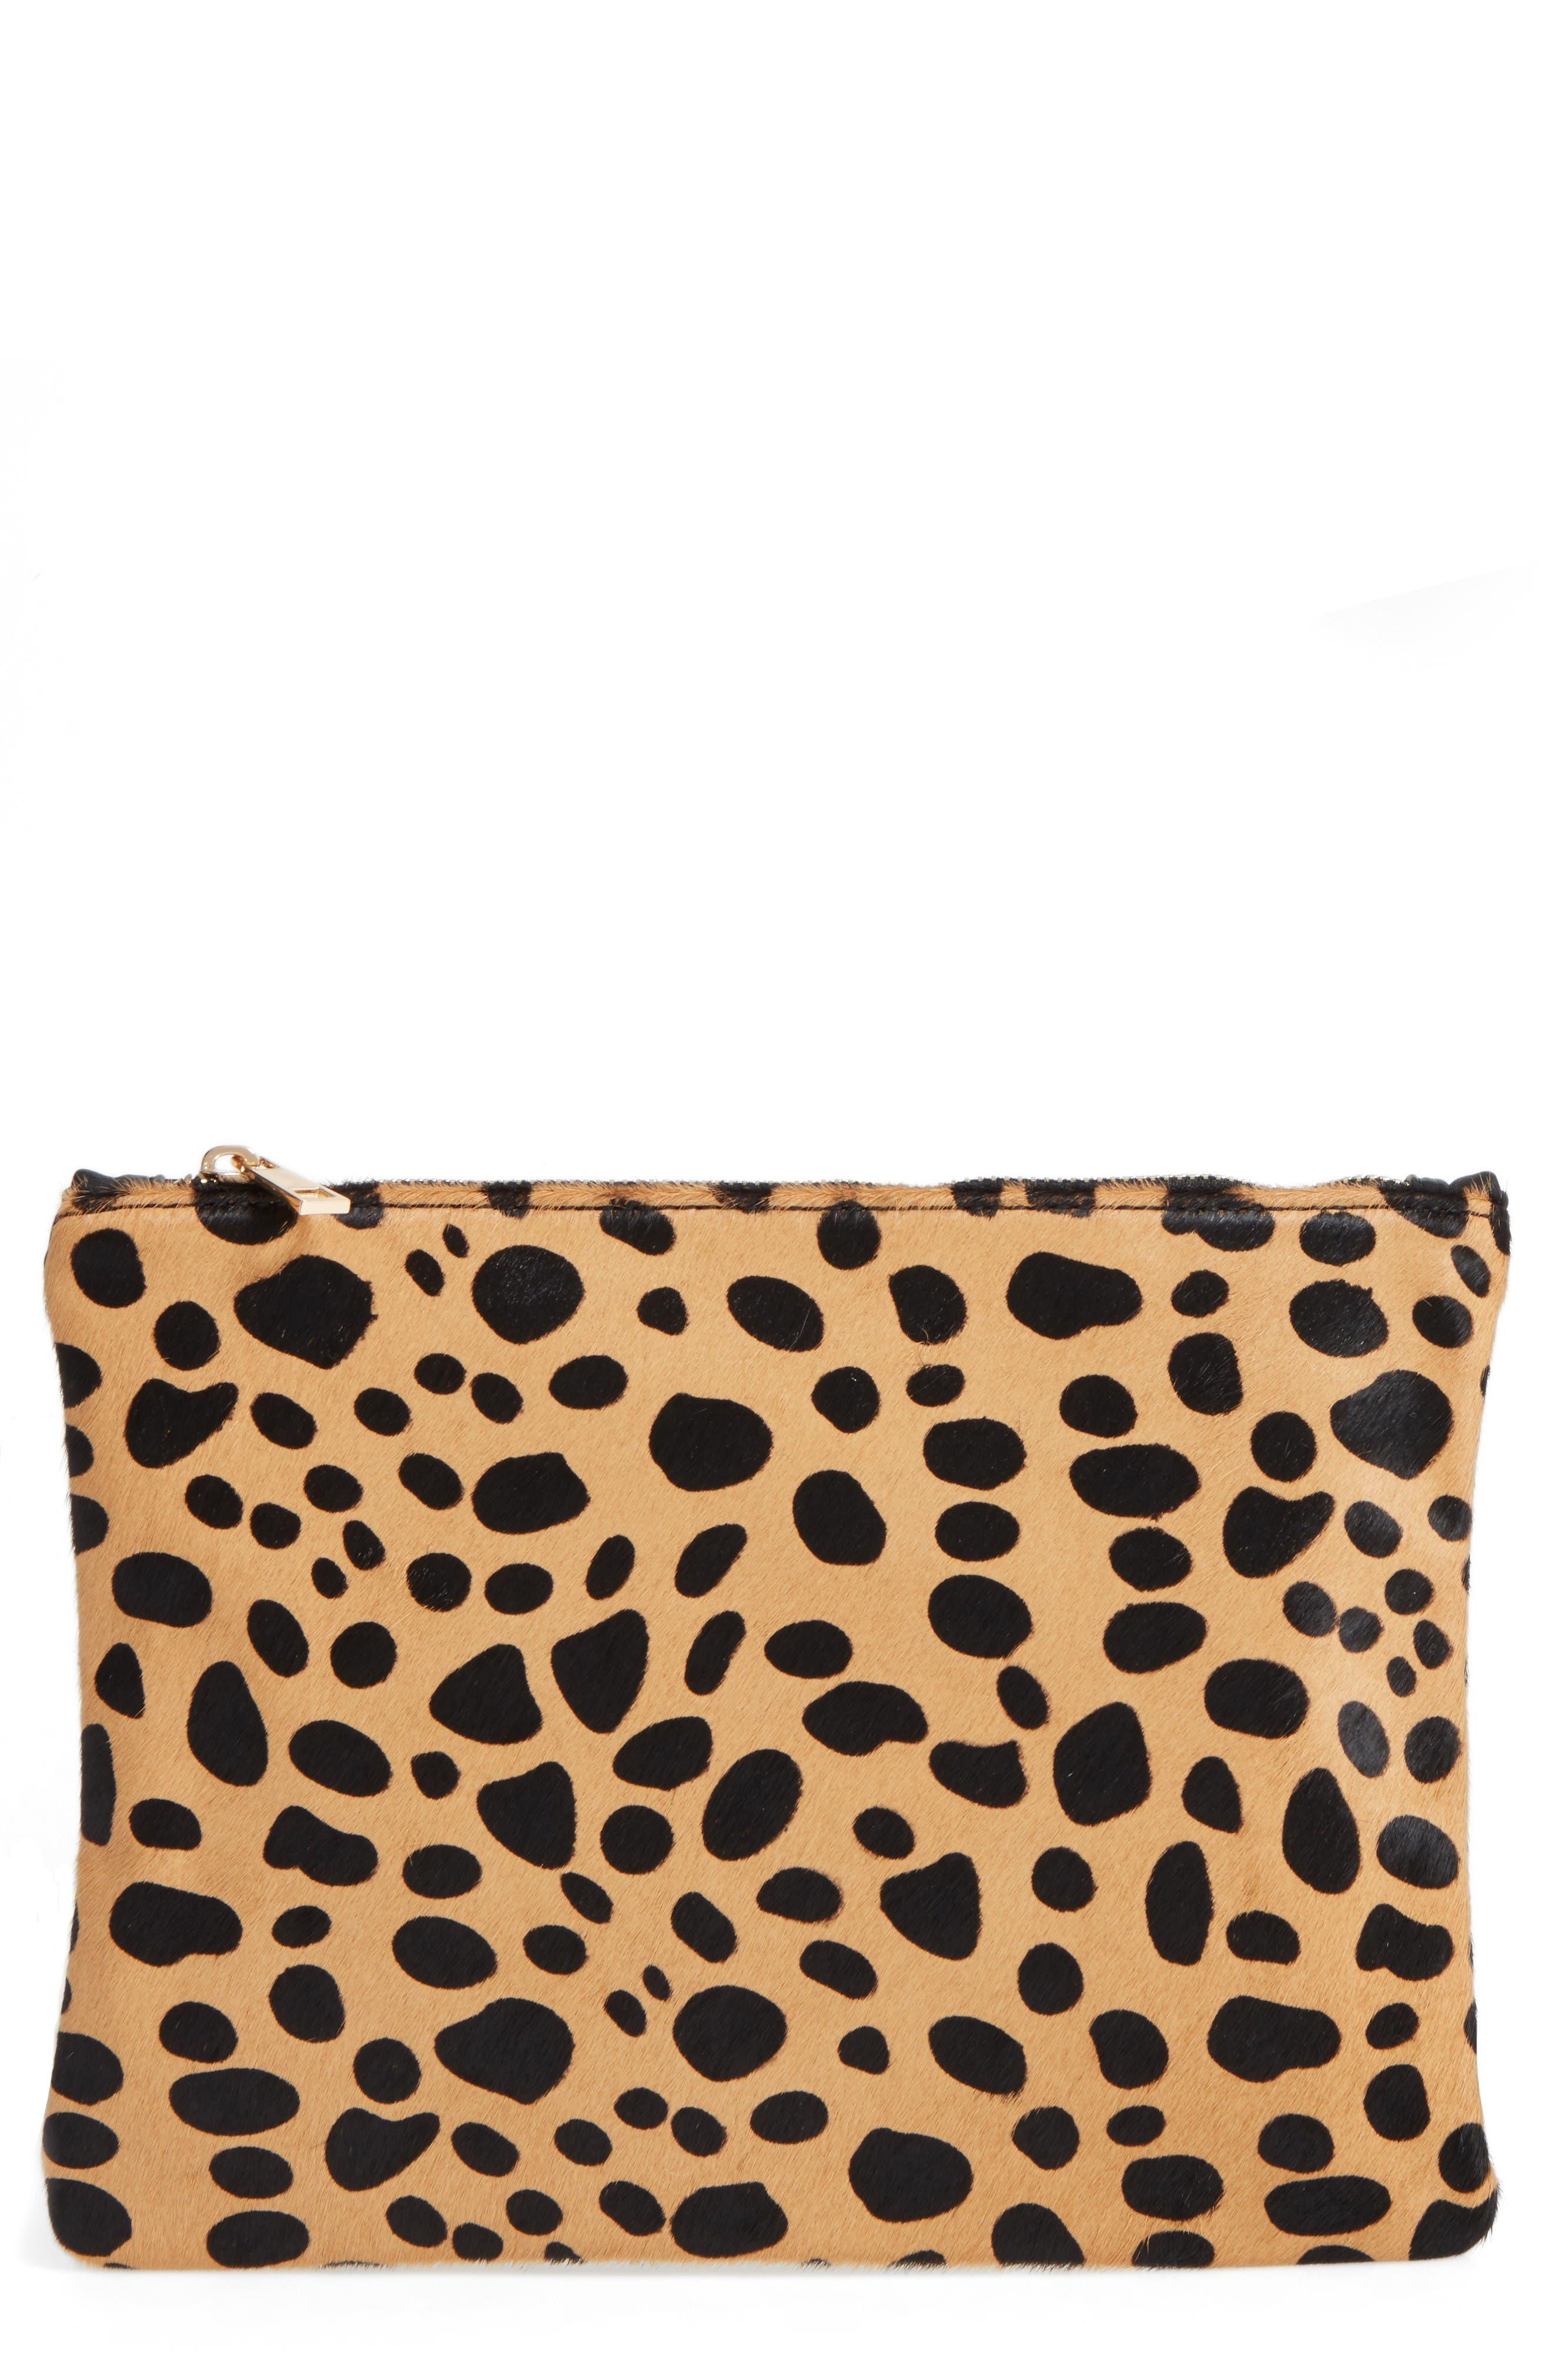 BP. Leopard Print Genuine Calf Hair Clutch